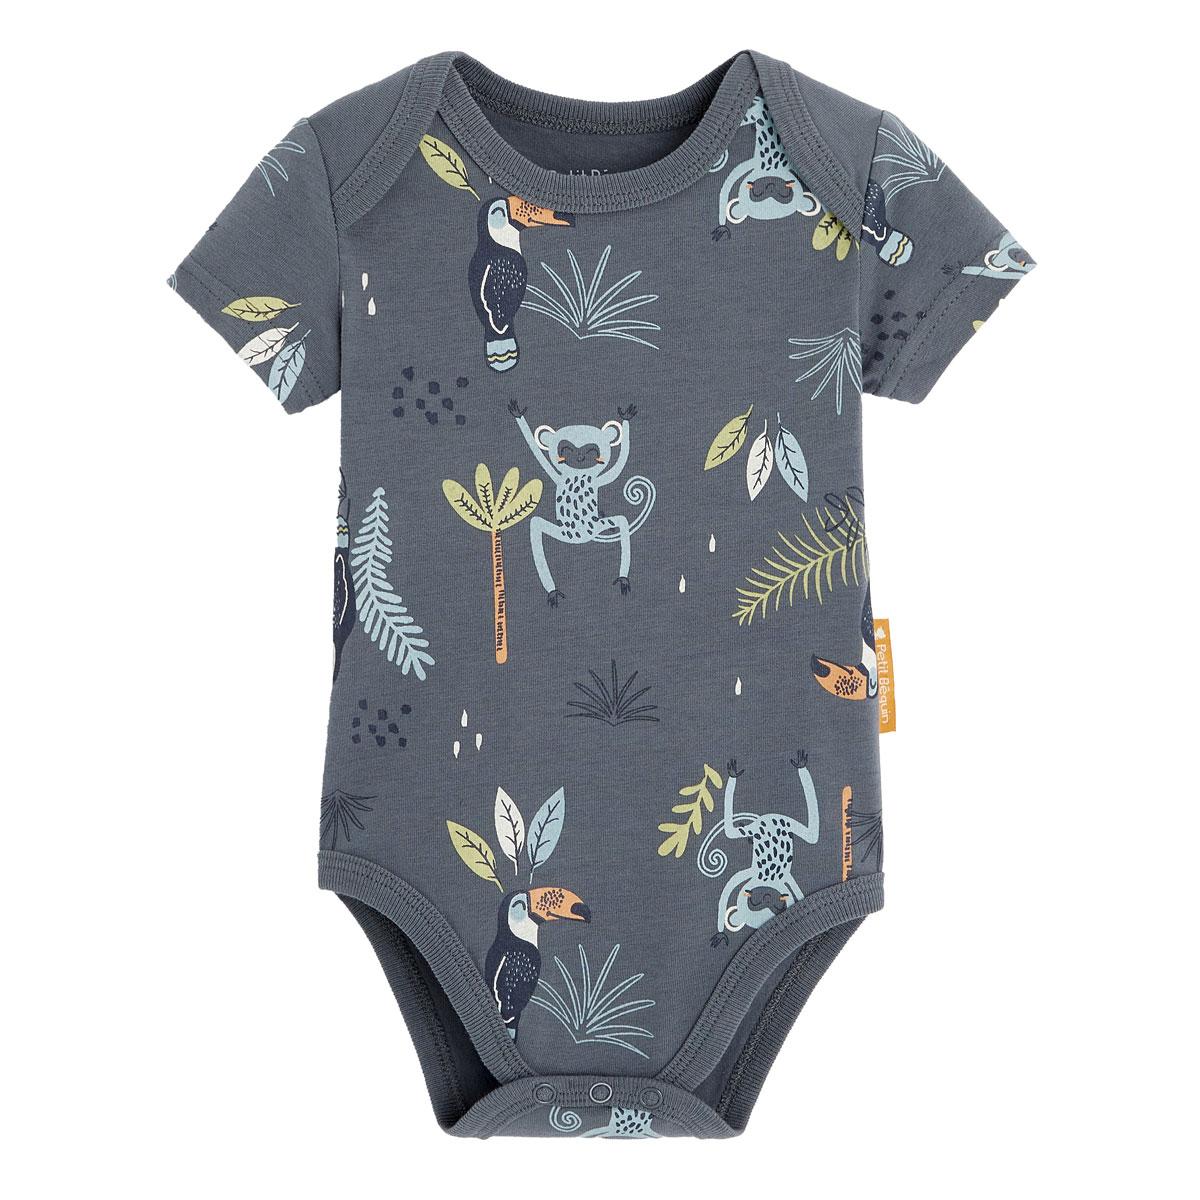 Lot de 2 bodies bébé garçon manches courtes contenant du coton bio Aloha Havana all over zoom